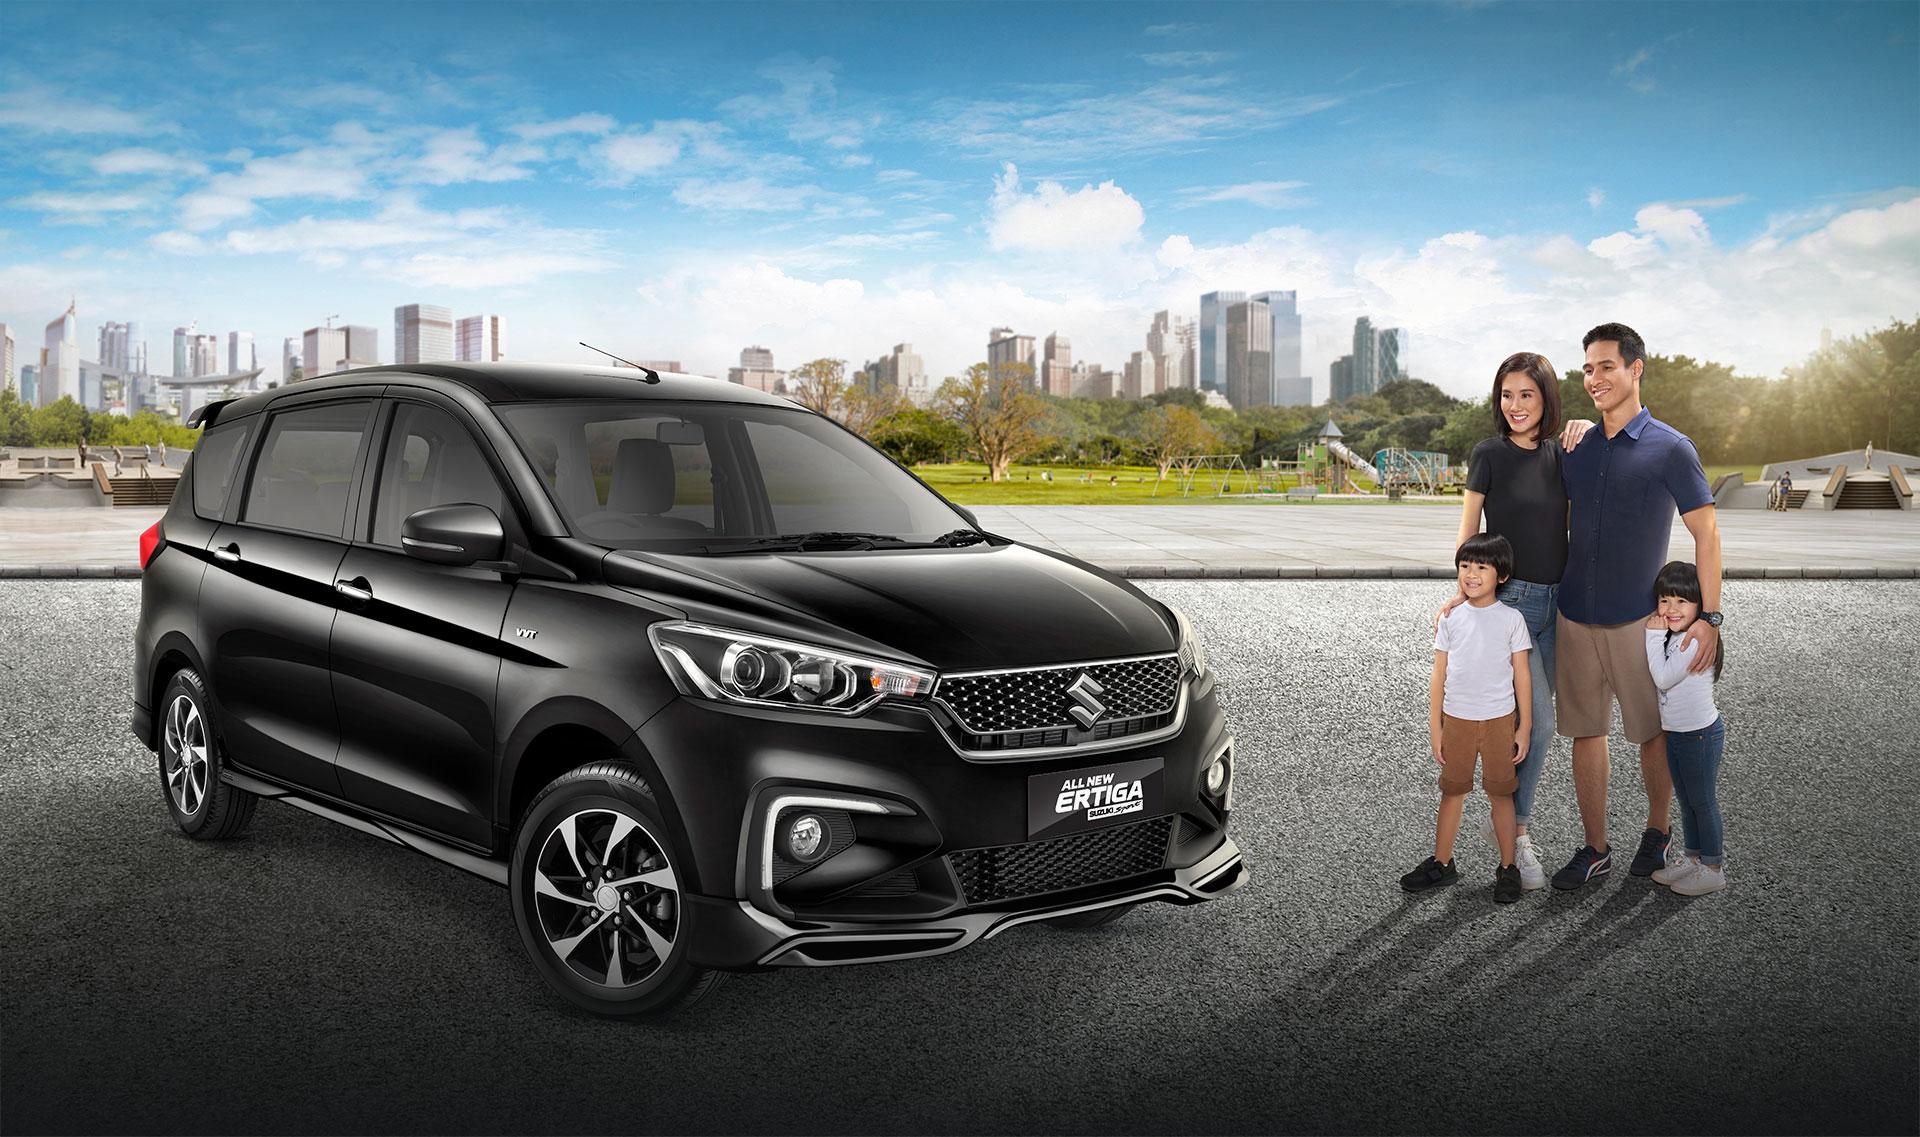 2. Suzuki Ertiga Sport